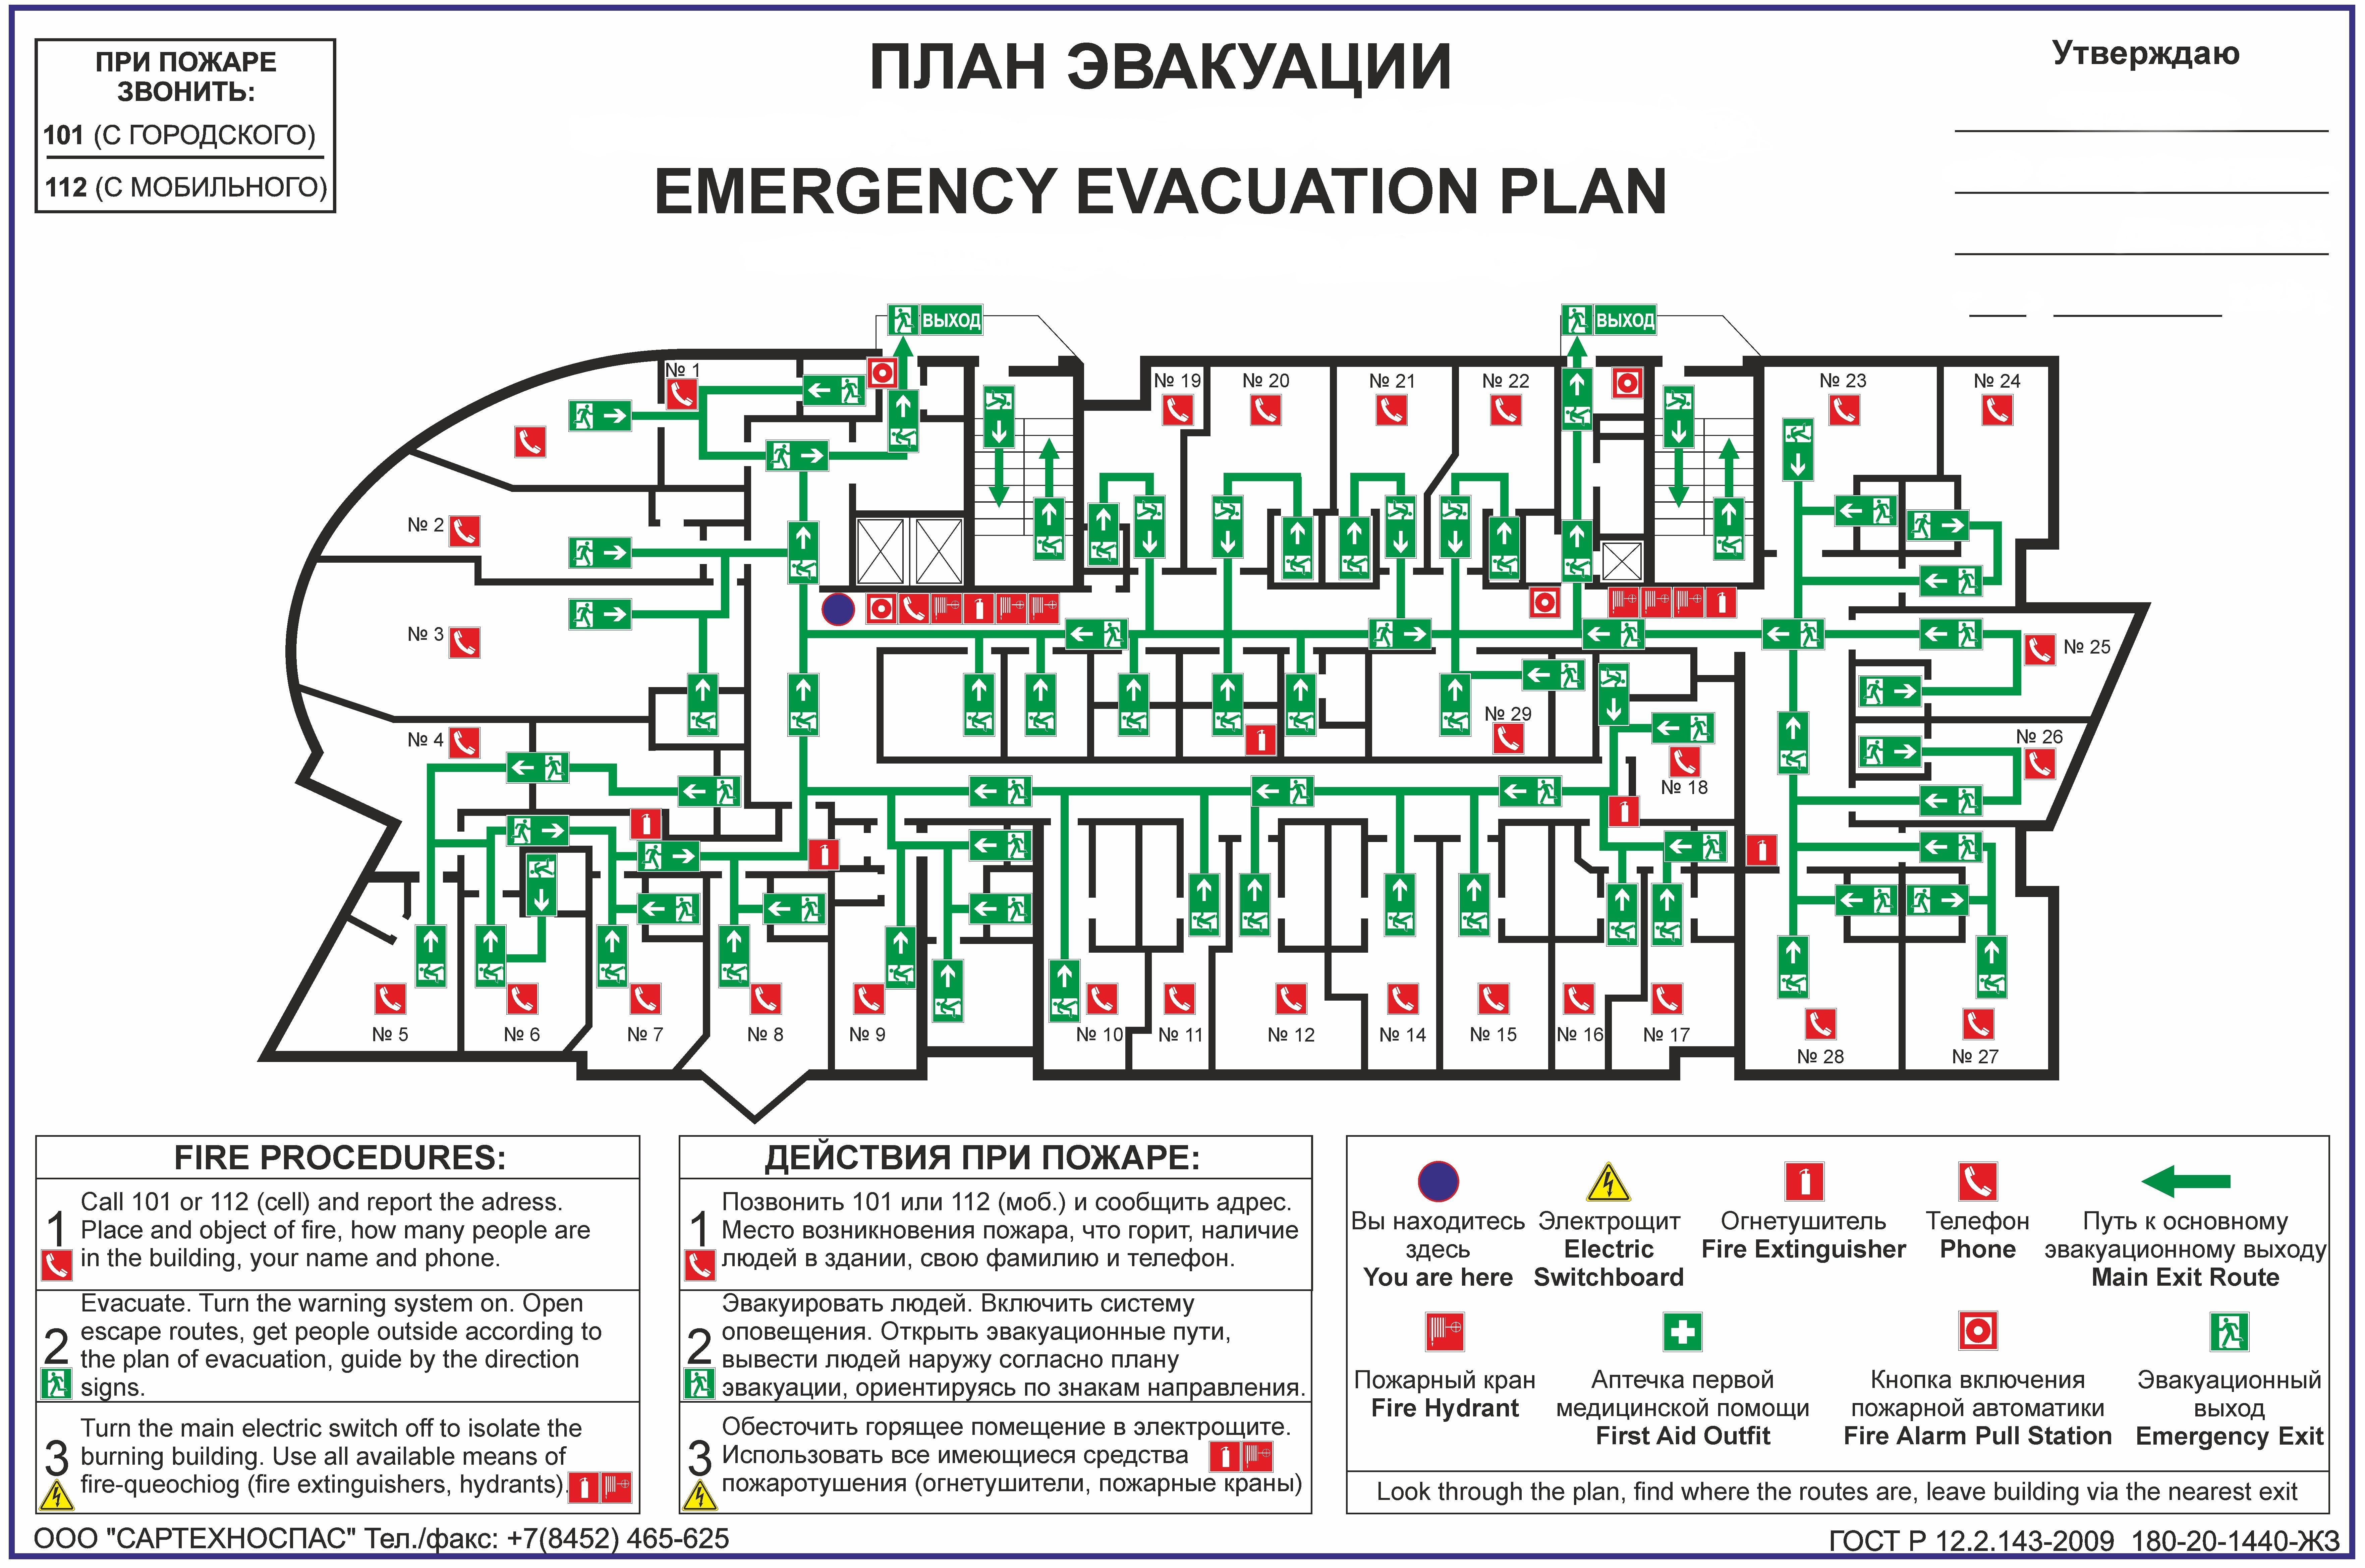 План с дублированием на английском